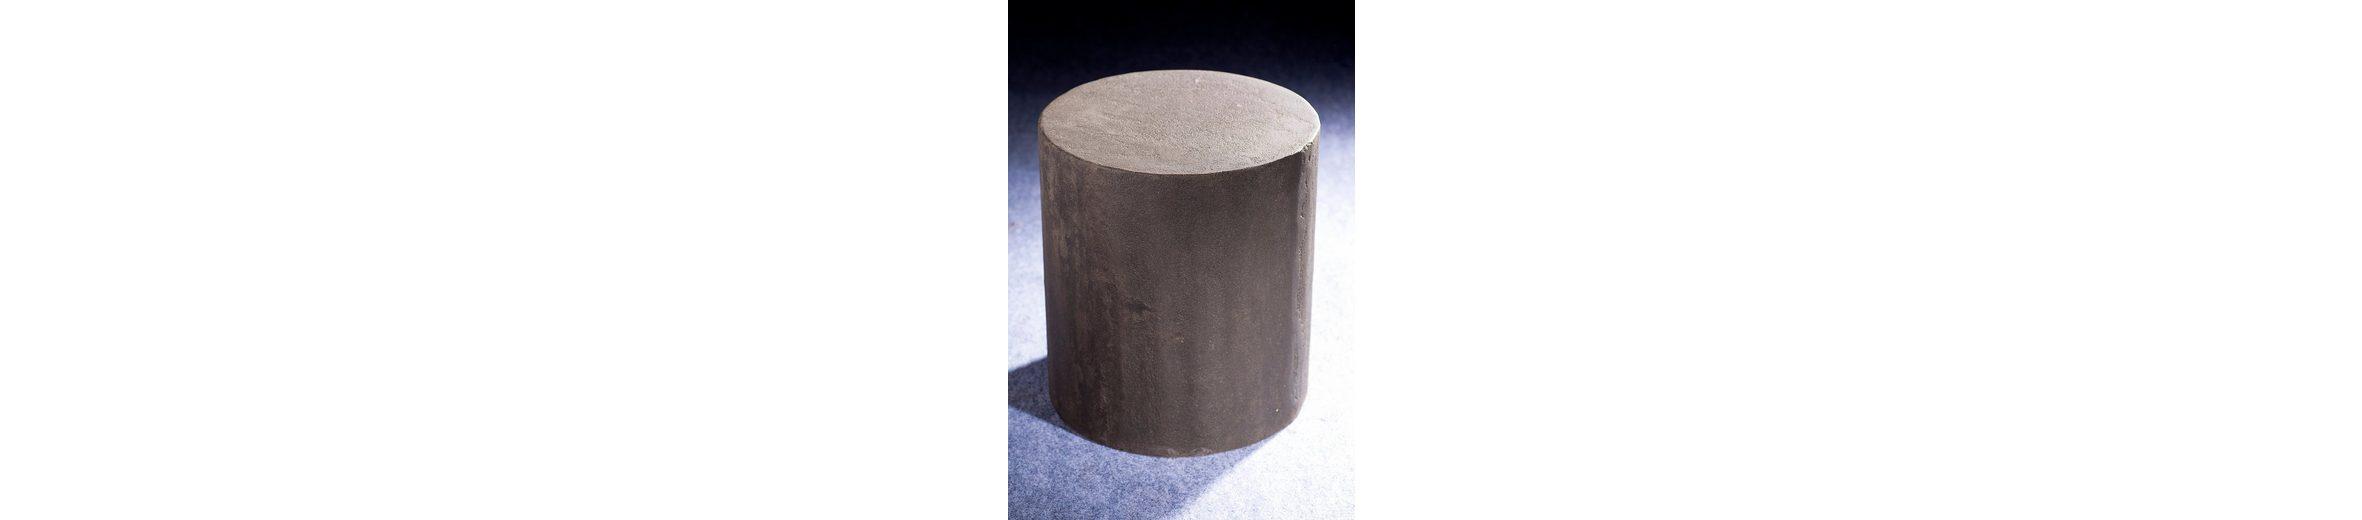 SIT Hocker »Cement«, 45 cm hoch